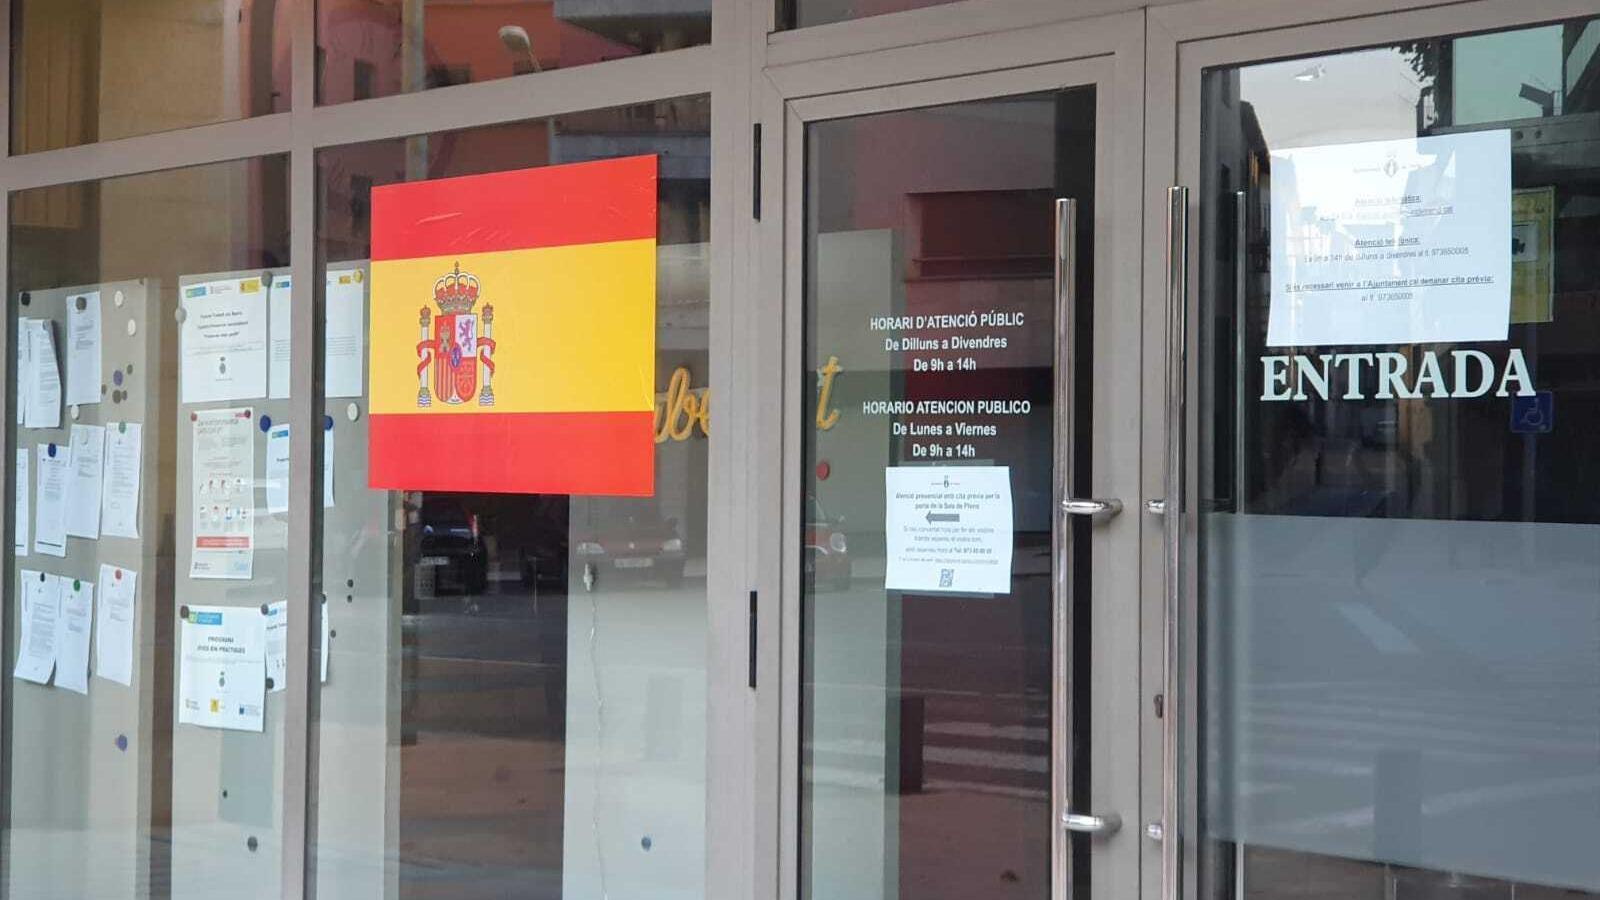 Enganxen una bandera espanyola als vidres de l'Ajuntament de Tremp. / AJUNTAMENT DE TREMP